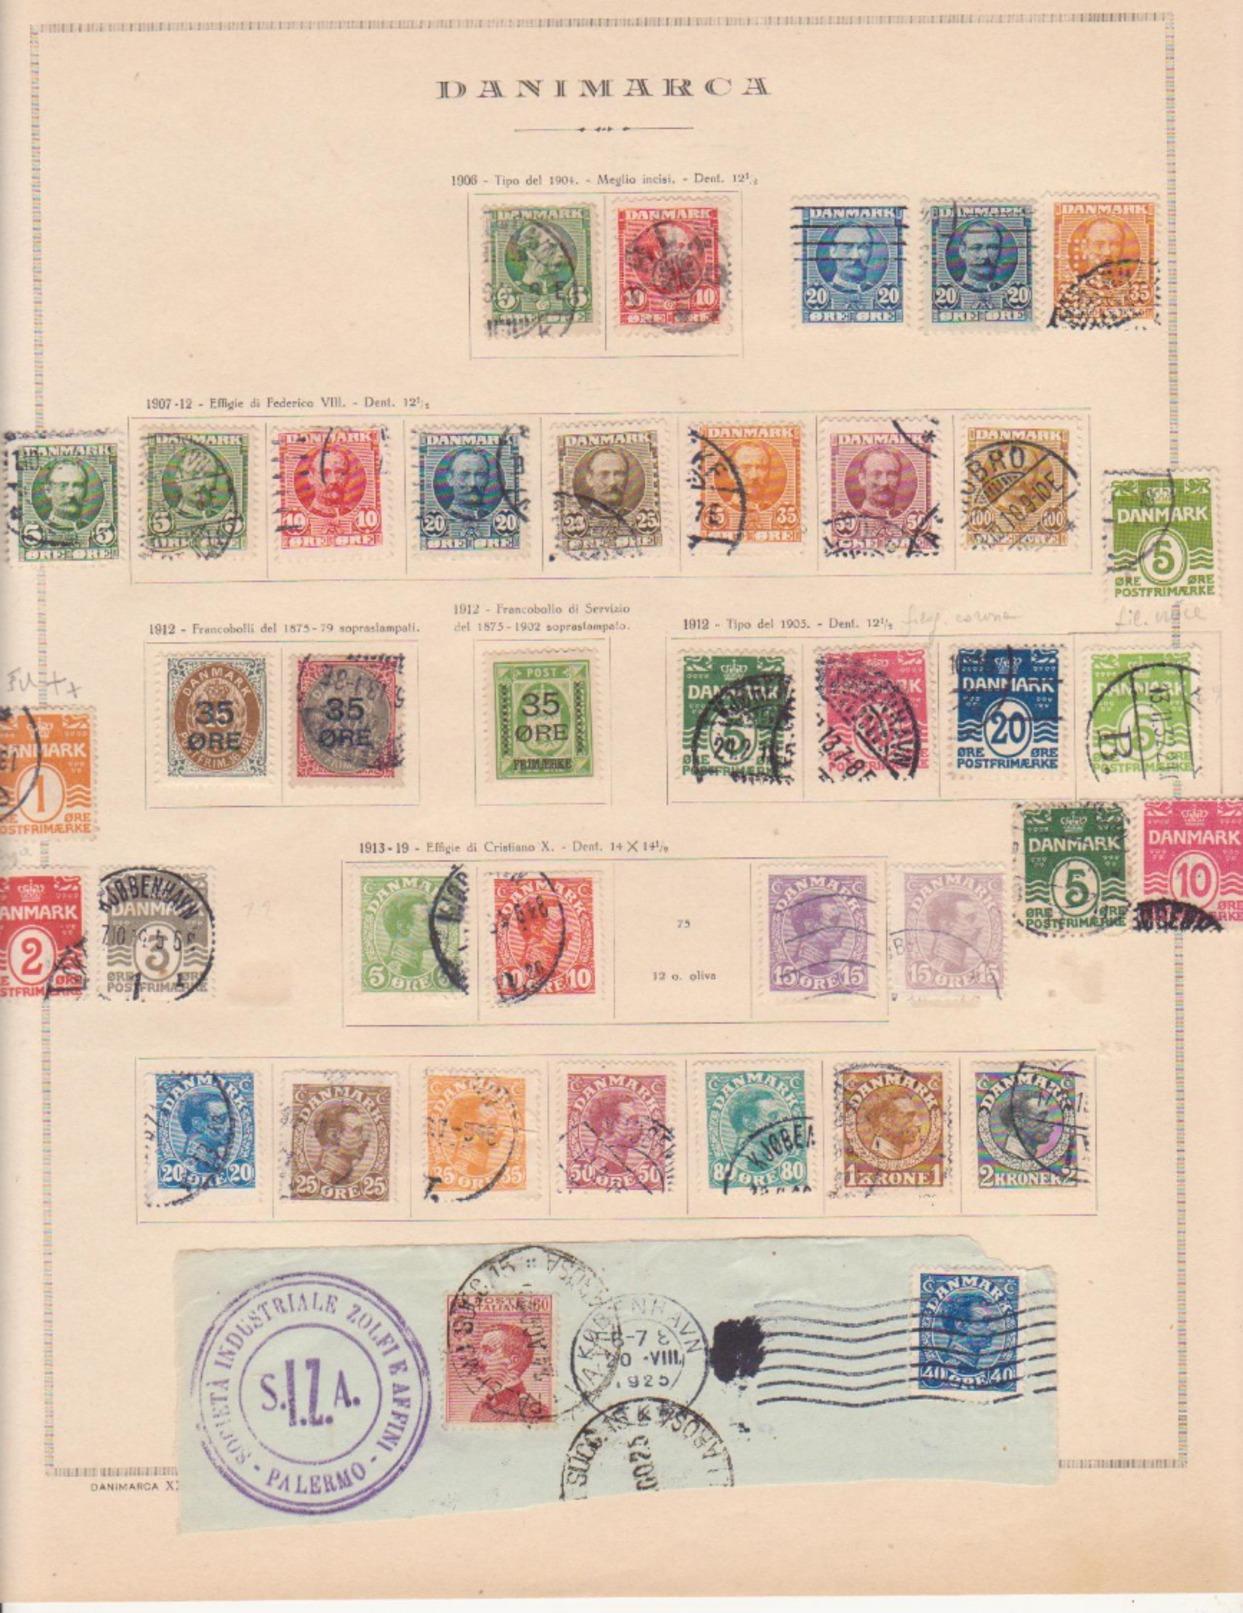 Danimarca Danmark Denmark  Nice Collection  Album  Pages   SEE SCAN - Danimarca